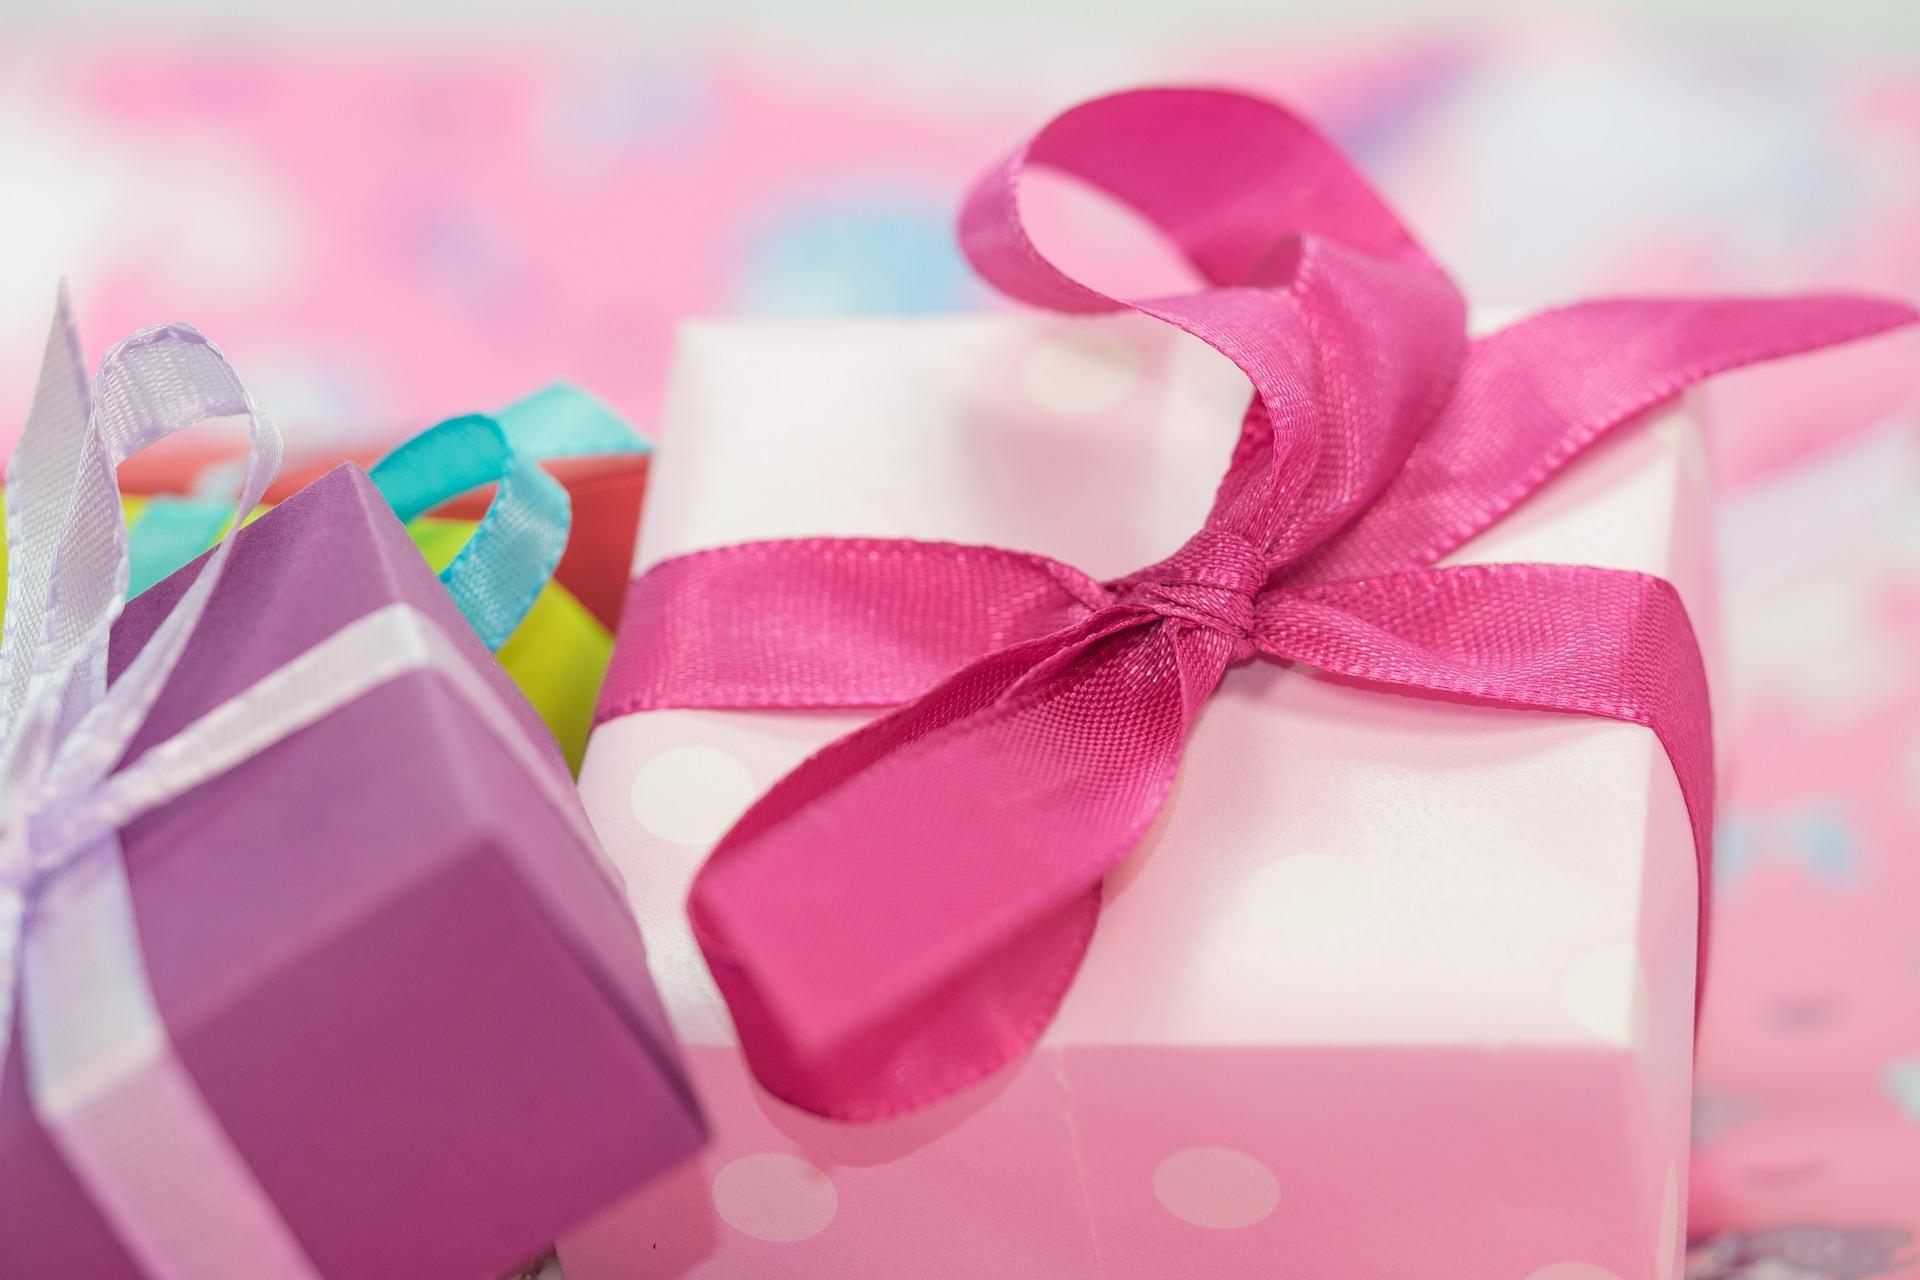 Какие подарки хотят увидеть под ёлкой? Делимся идеями считателями